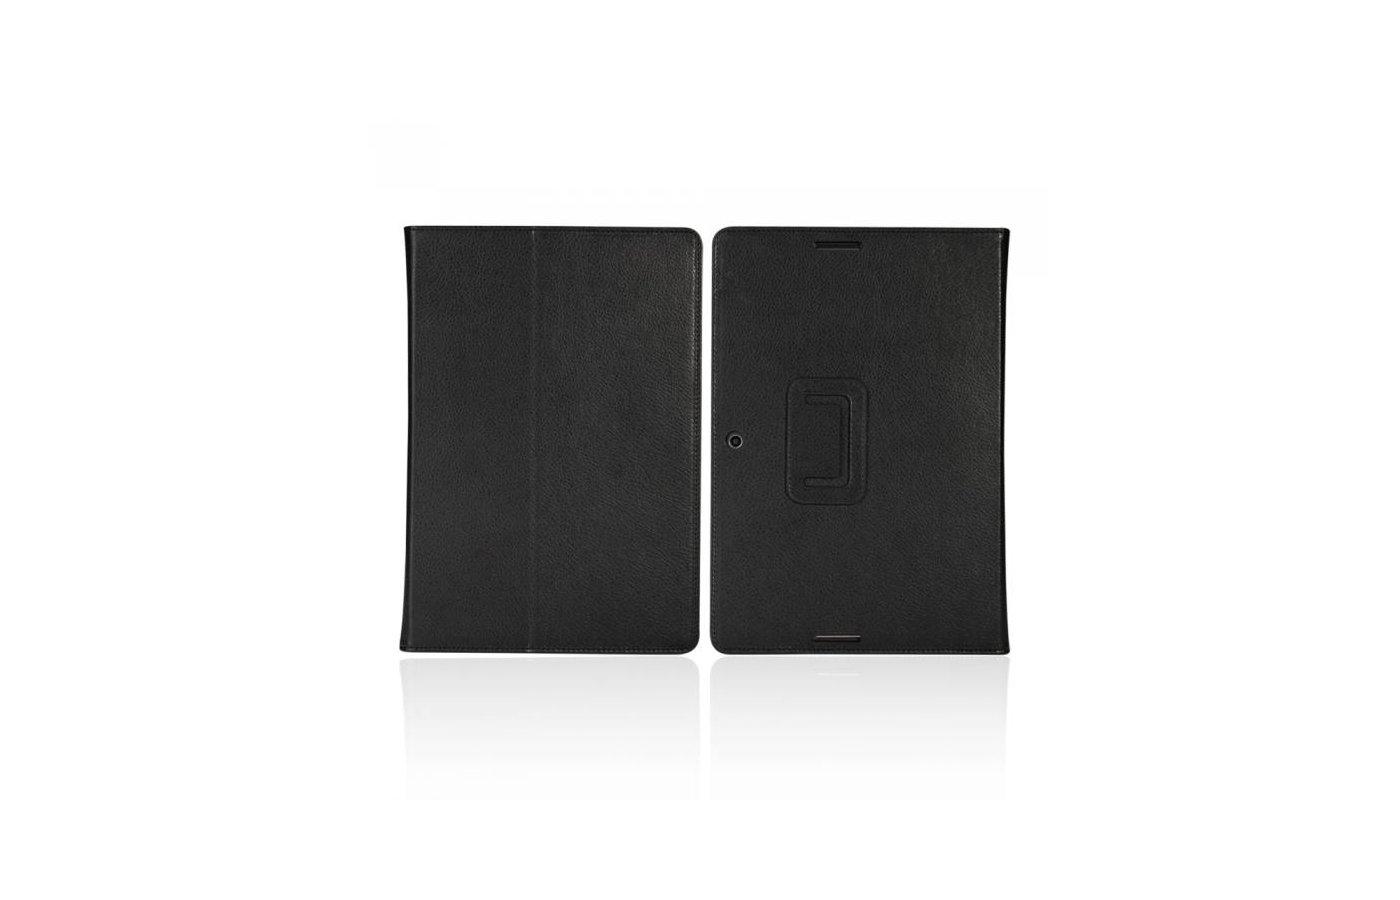 Чехол для планшетного ПК IT BAGGAGE для ASUS MeMO Pad 10 ME103K искус. кожа черный ITASME103K-1